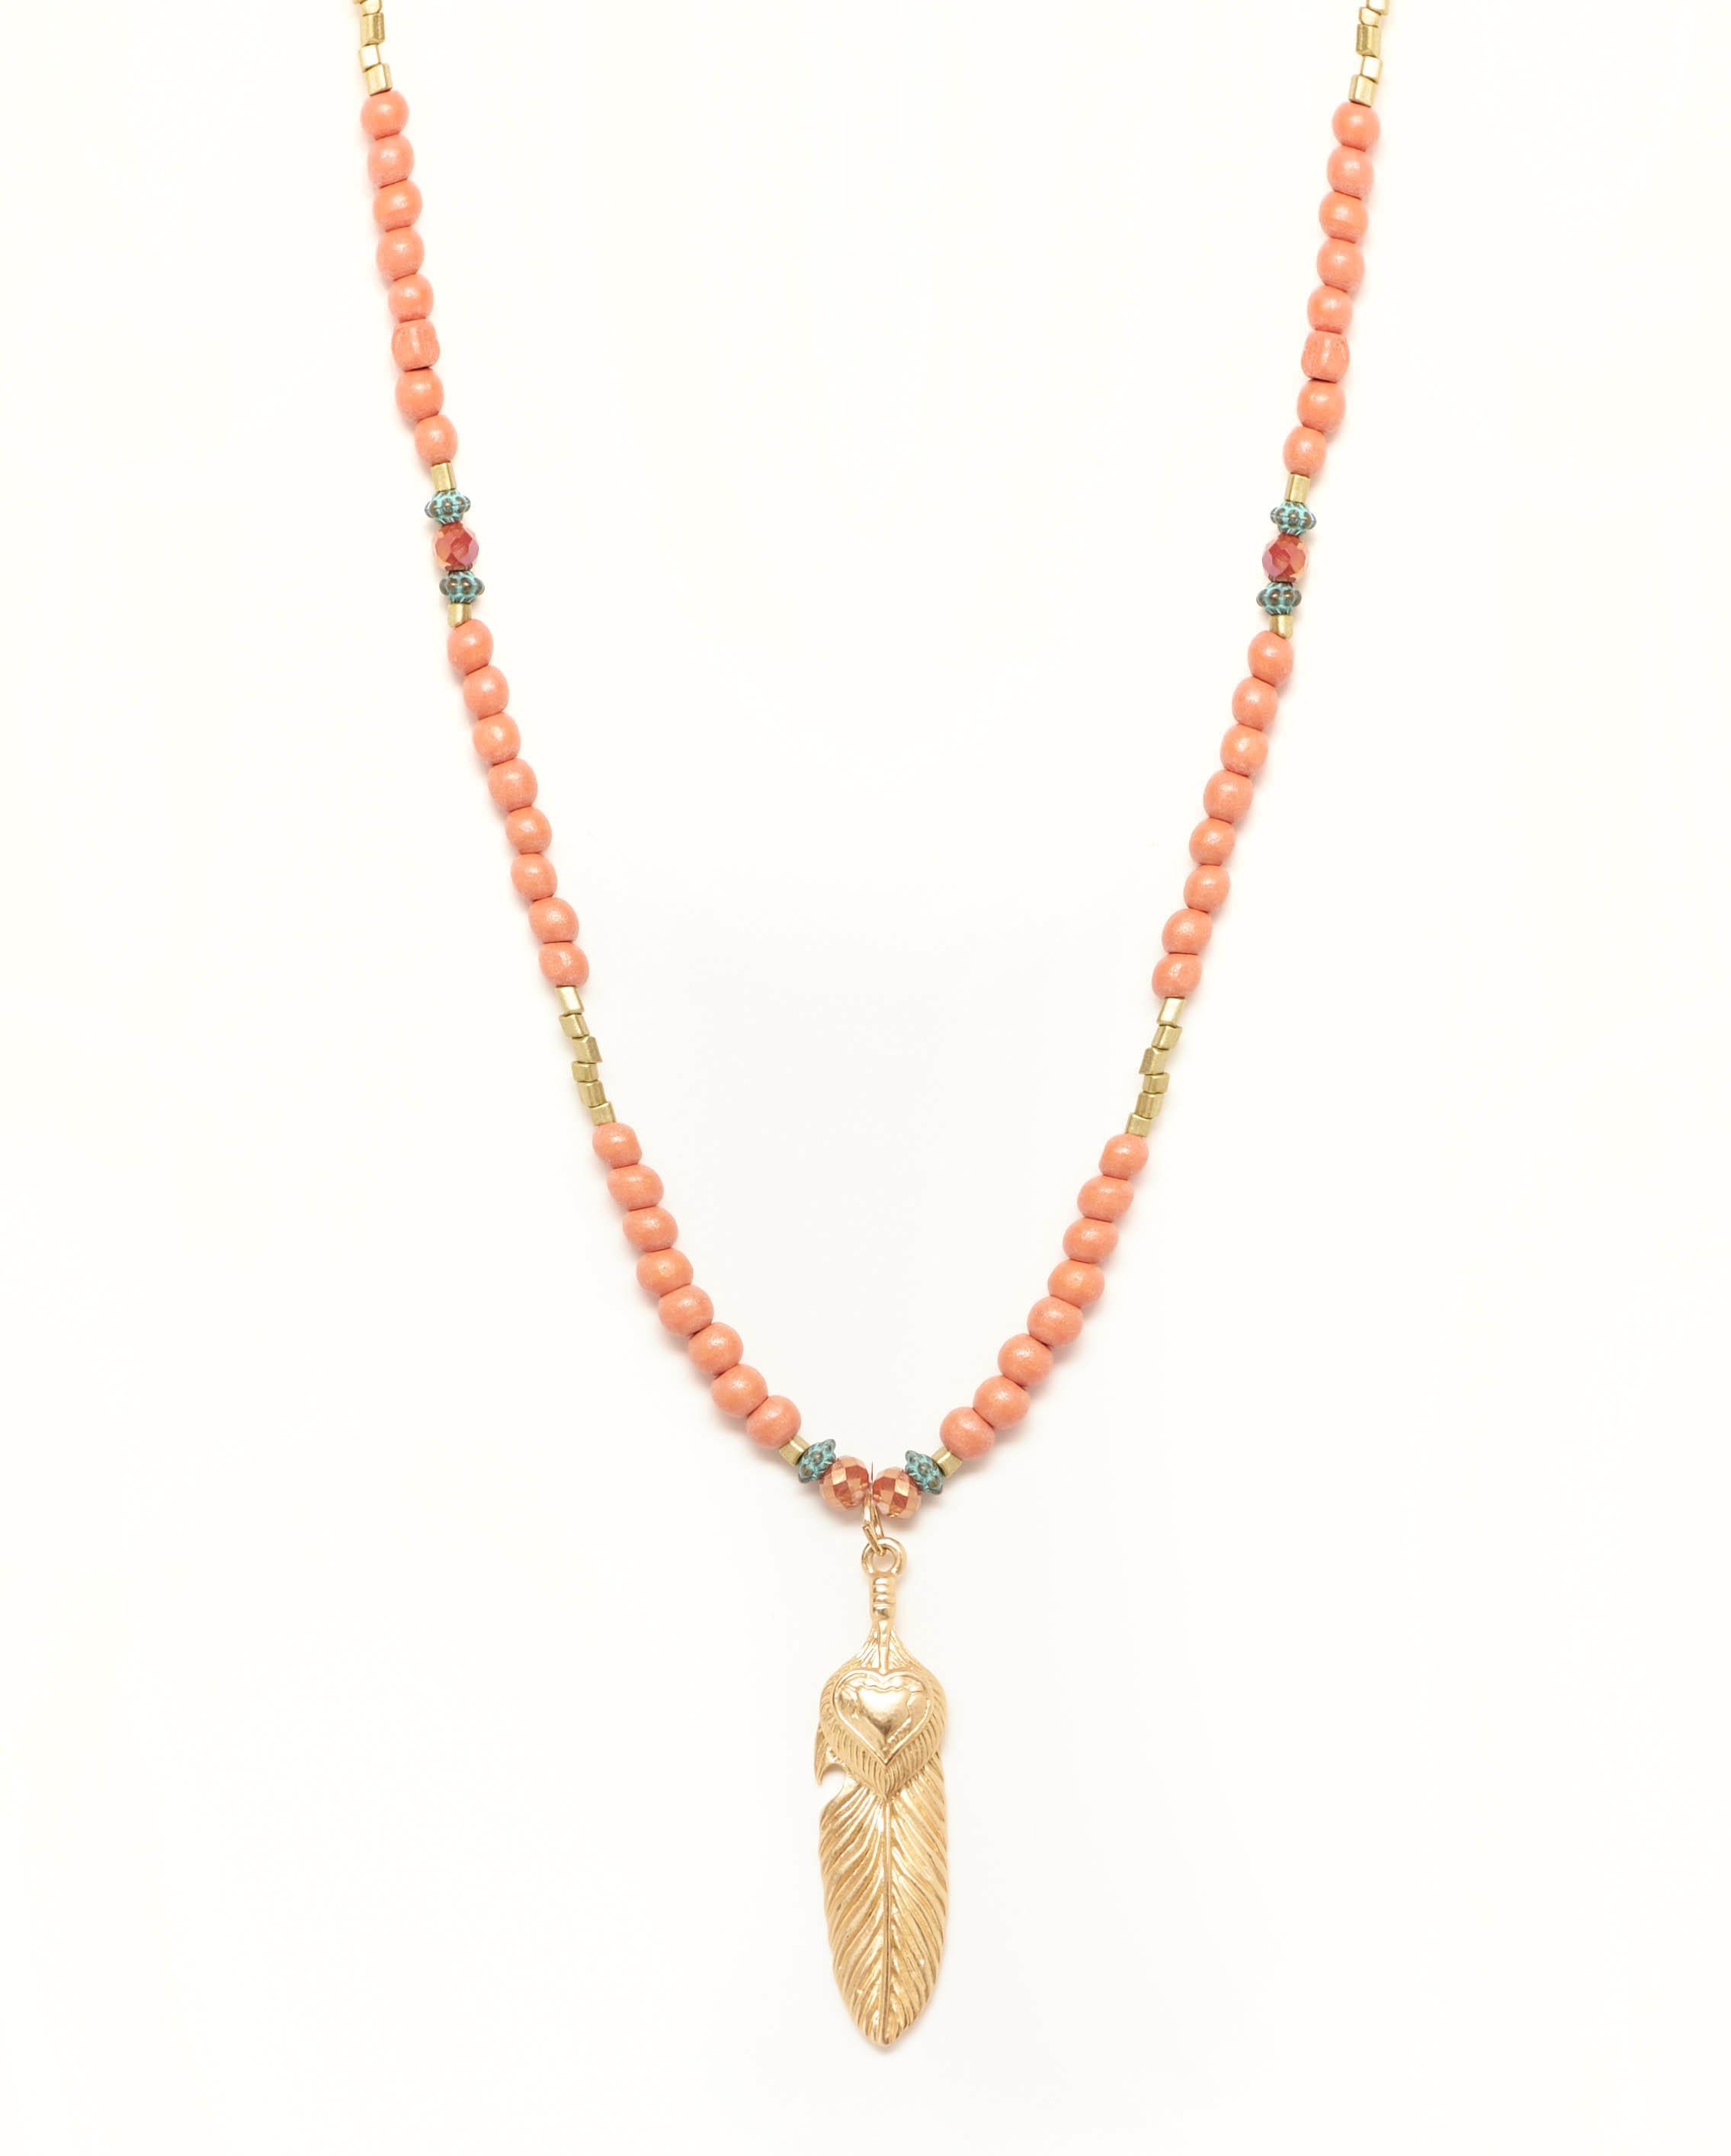 Bijoux Femme - Sautoir Or Jina - 36697